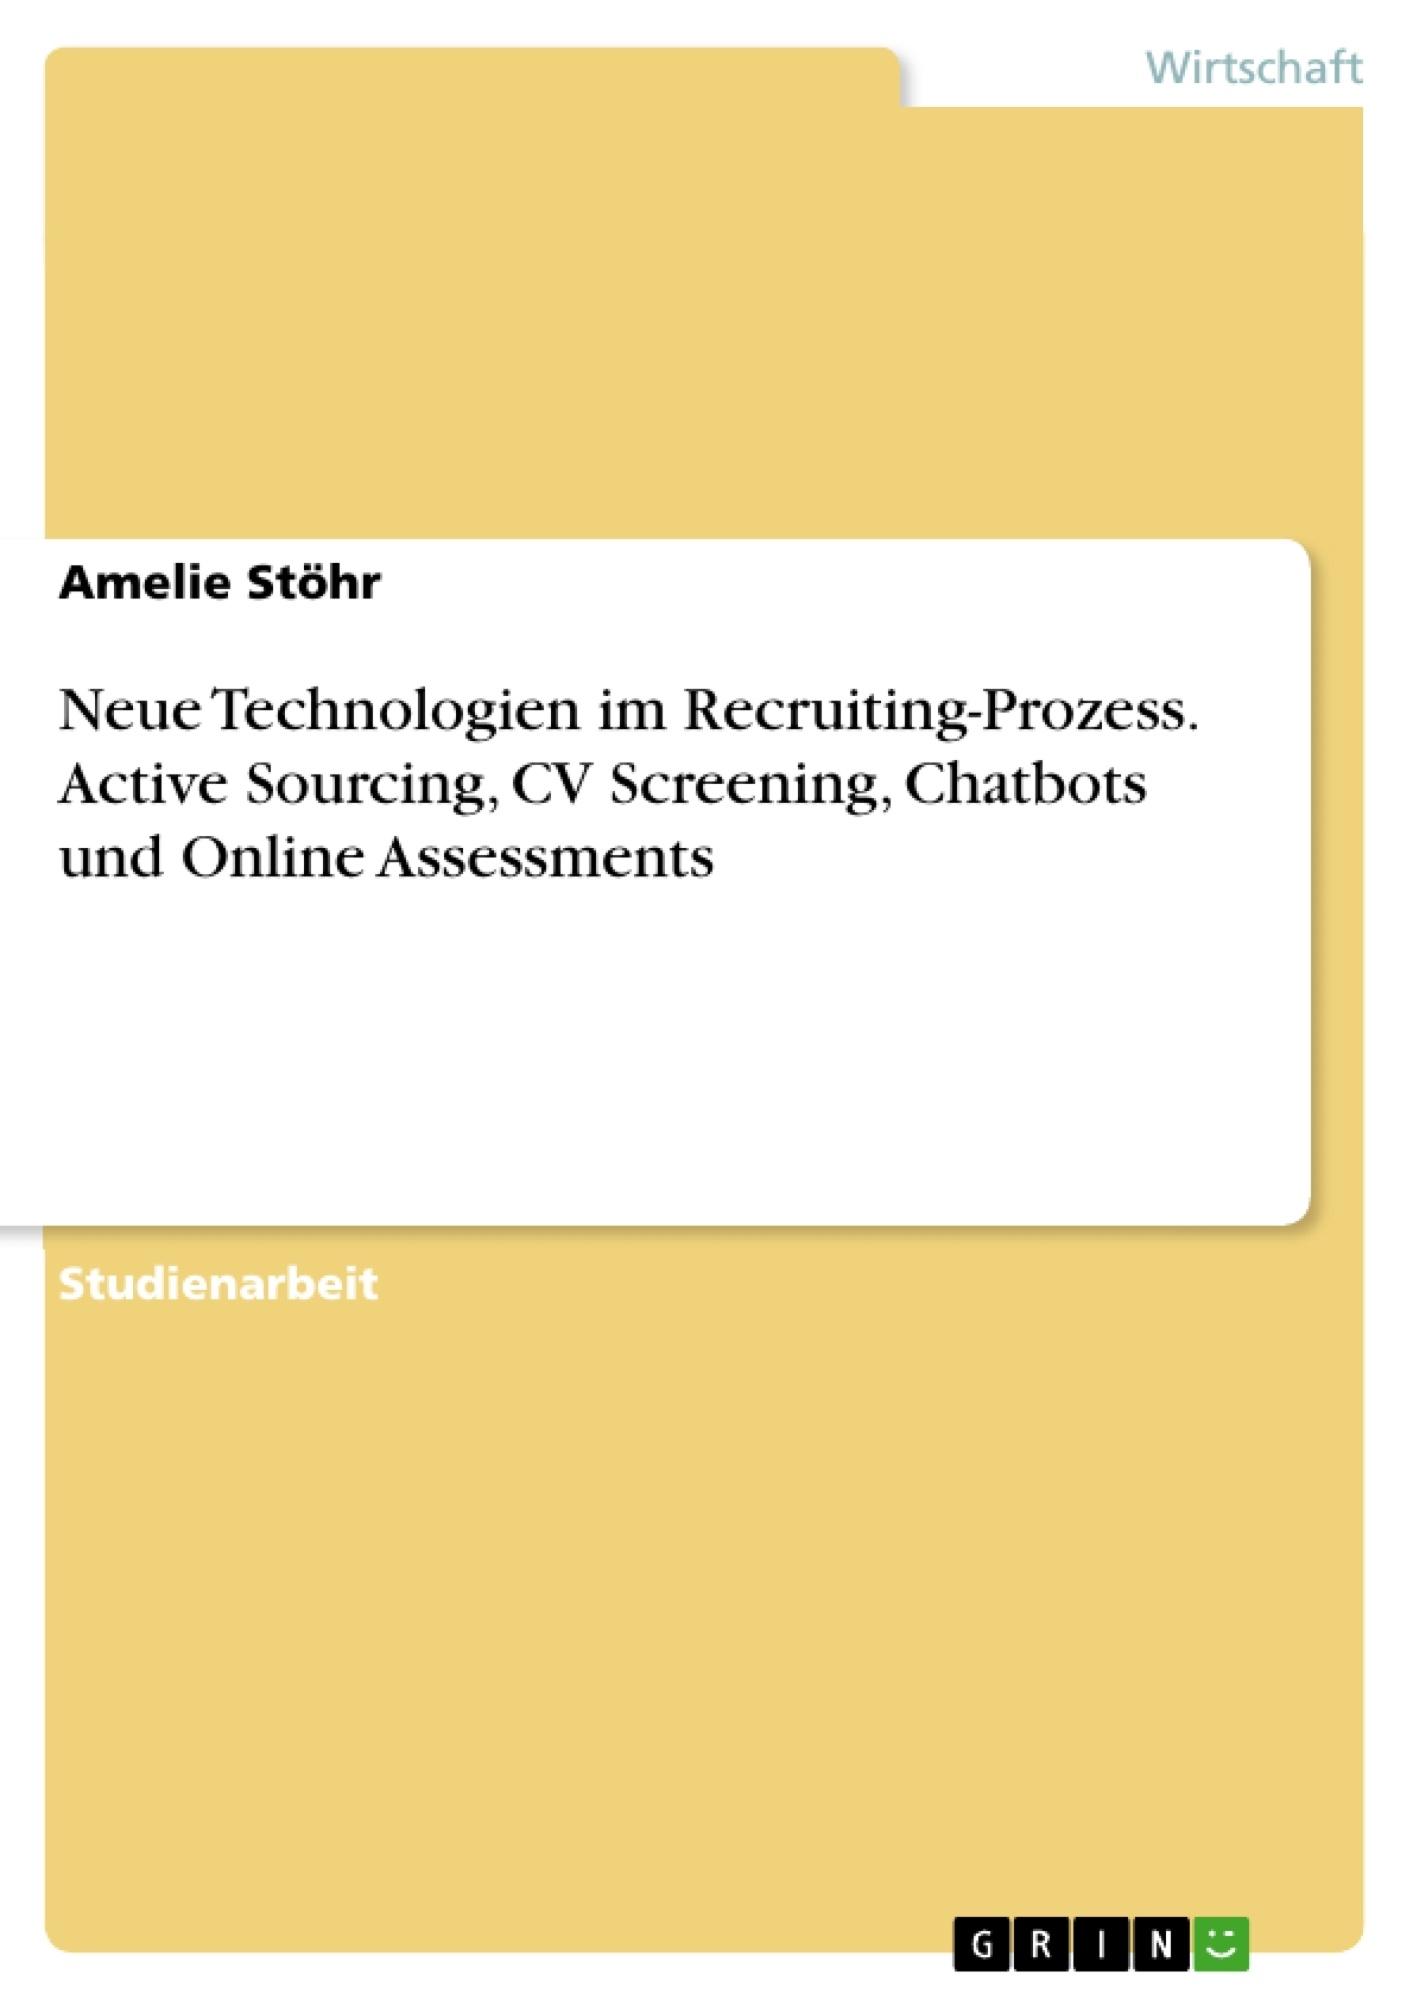 Titel: Neue Technologien im Recruiting-Prozess. Active Sourcing, CV Screening, Chatbots und Online Assessments